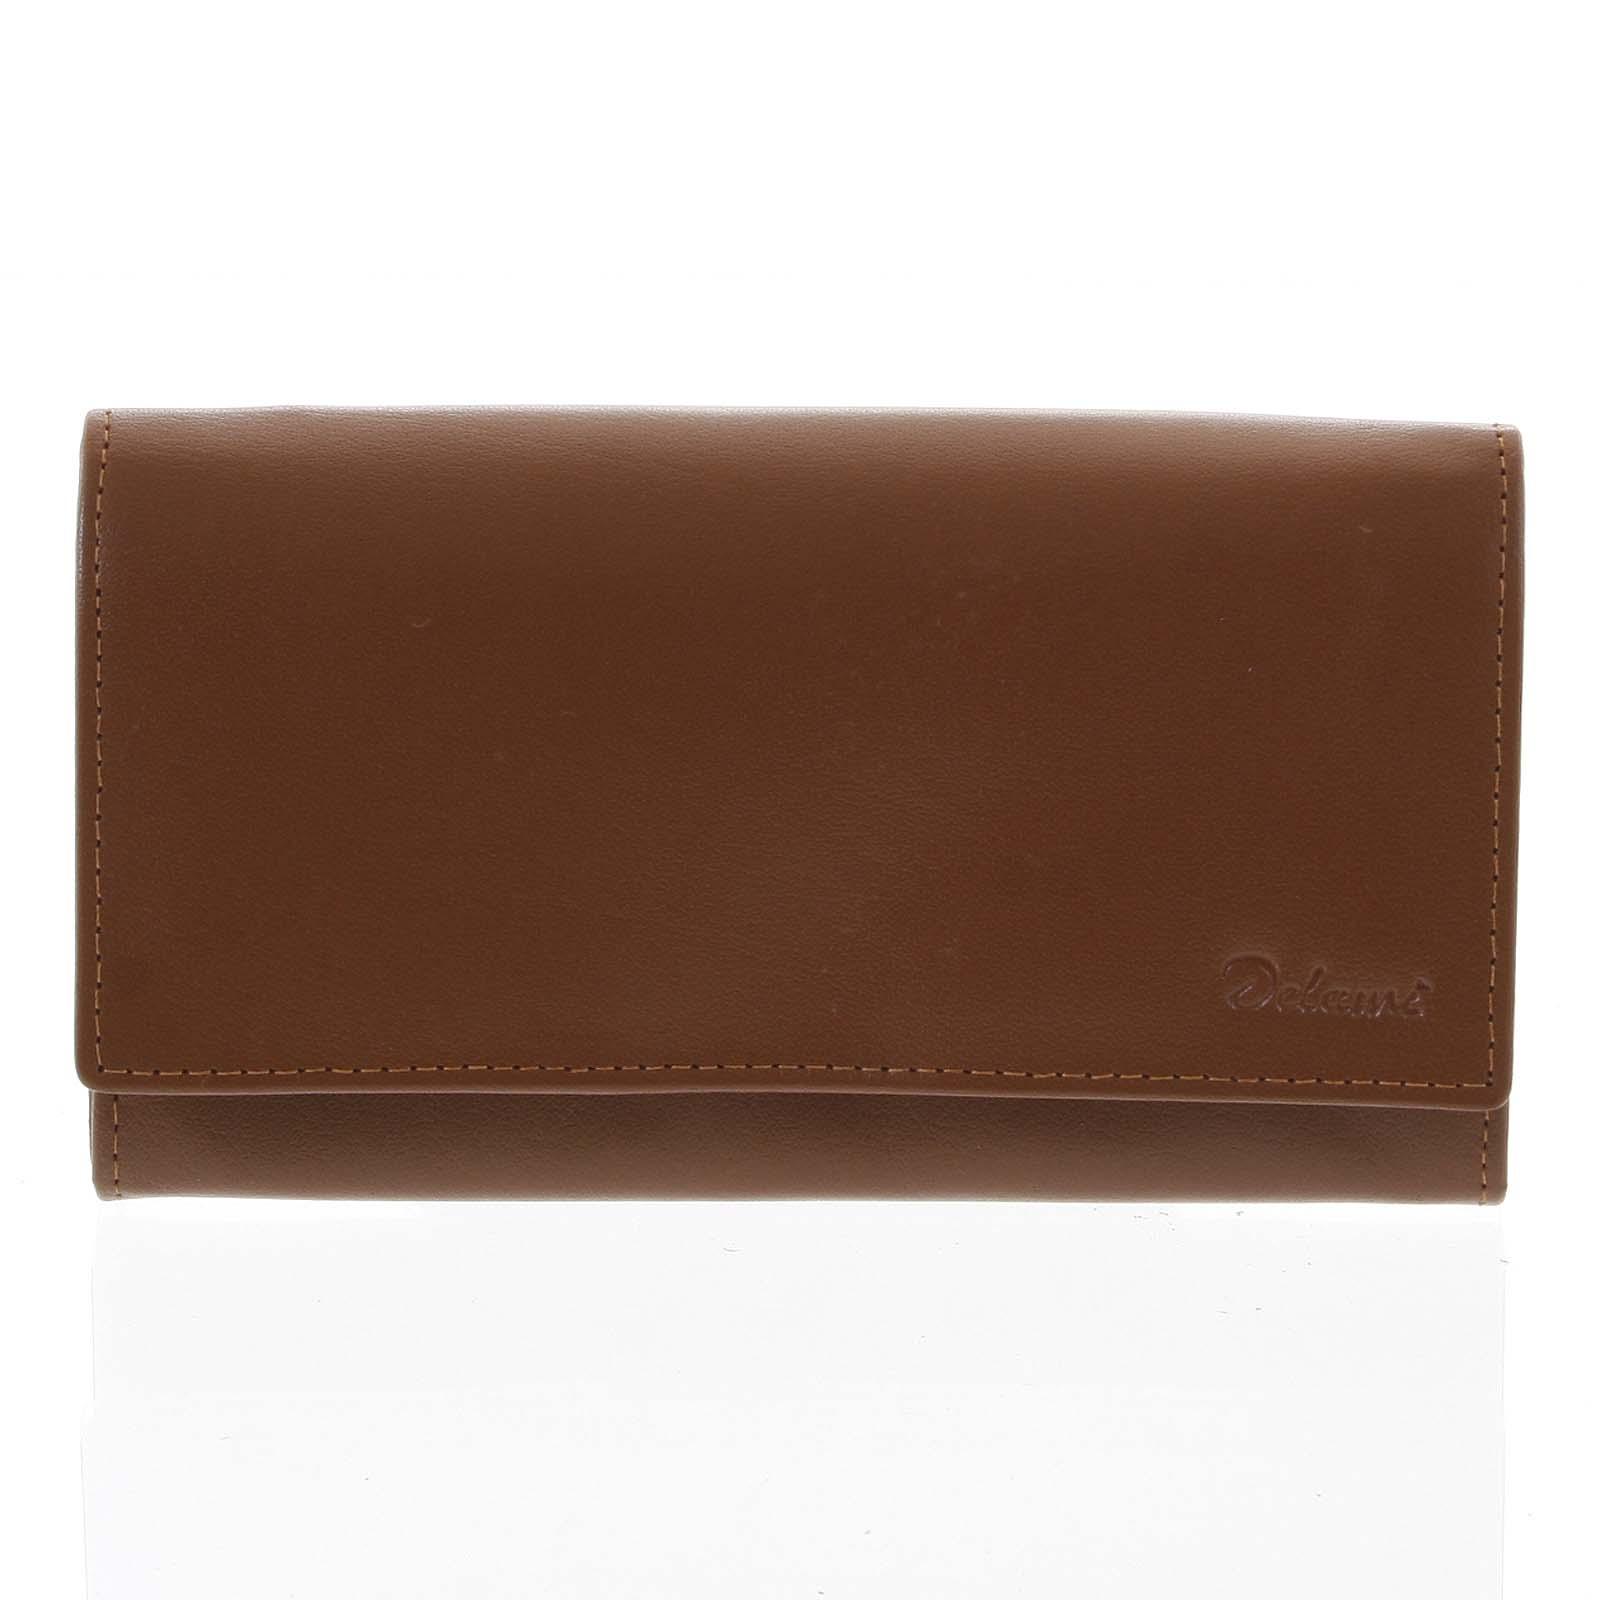 Dámská kožená peněženka světle hnědá - Delami Shelby